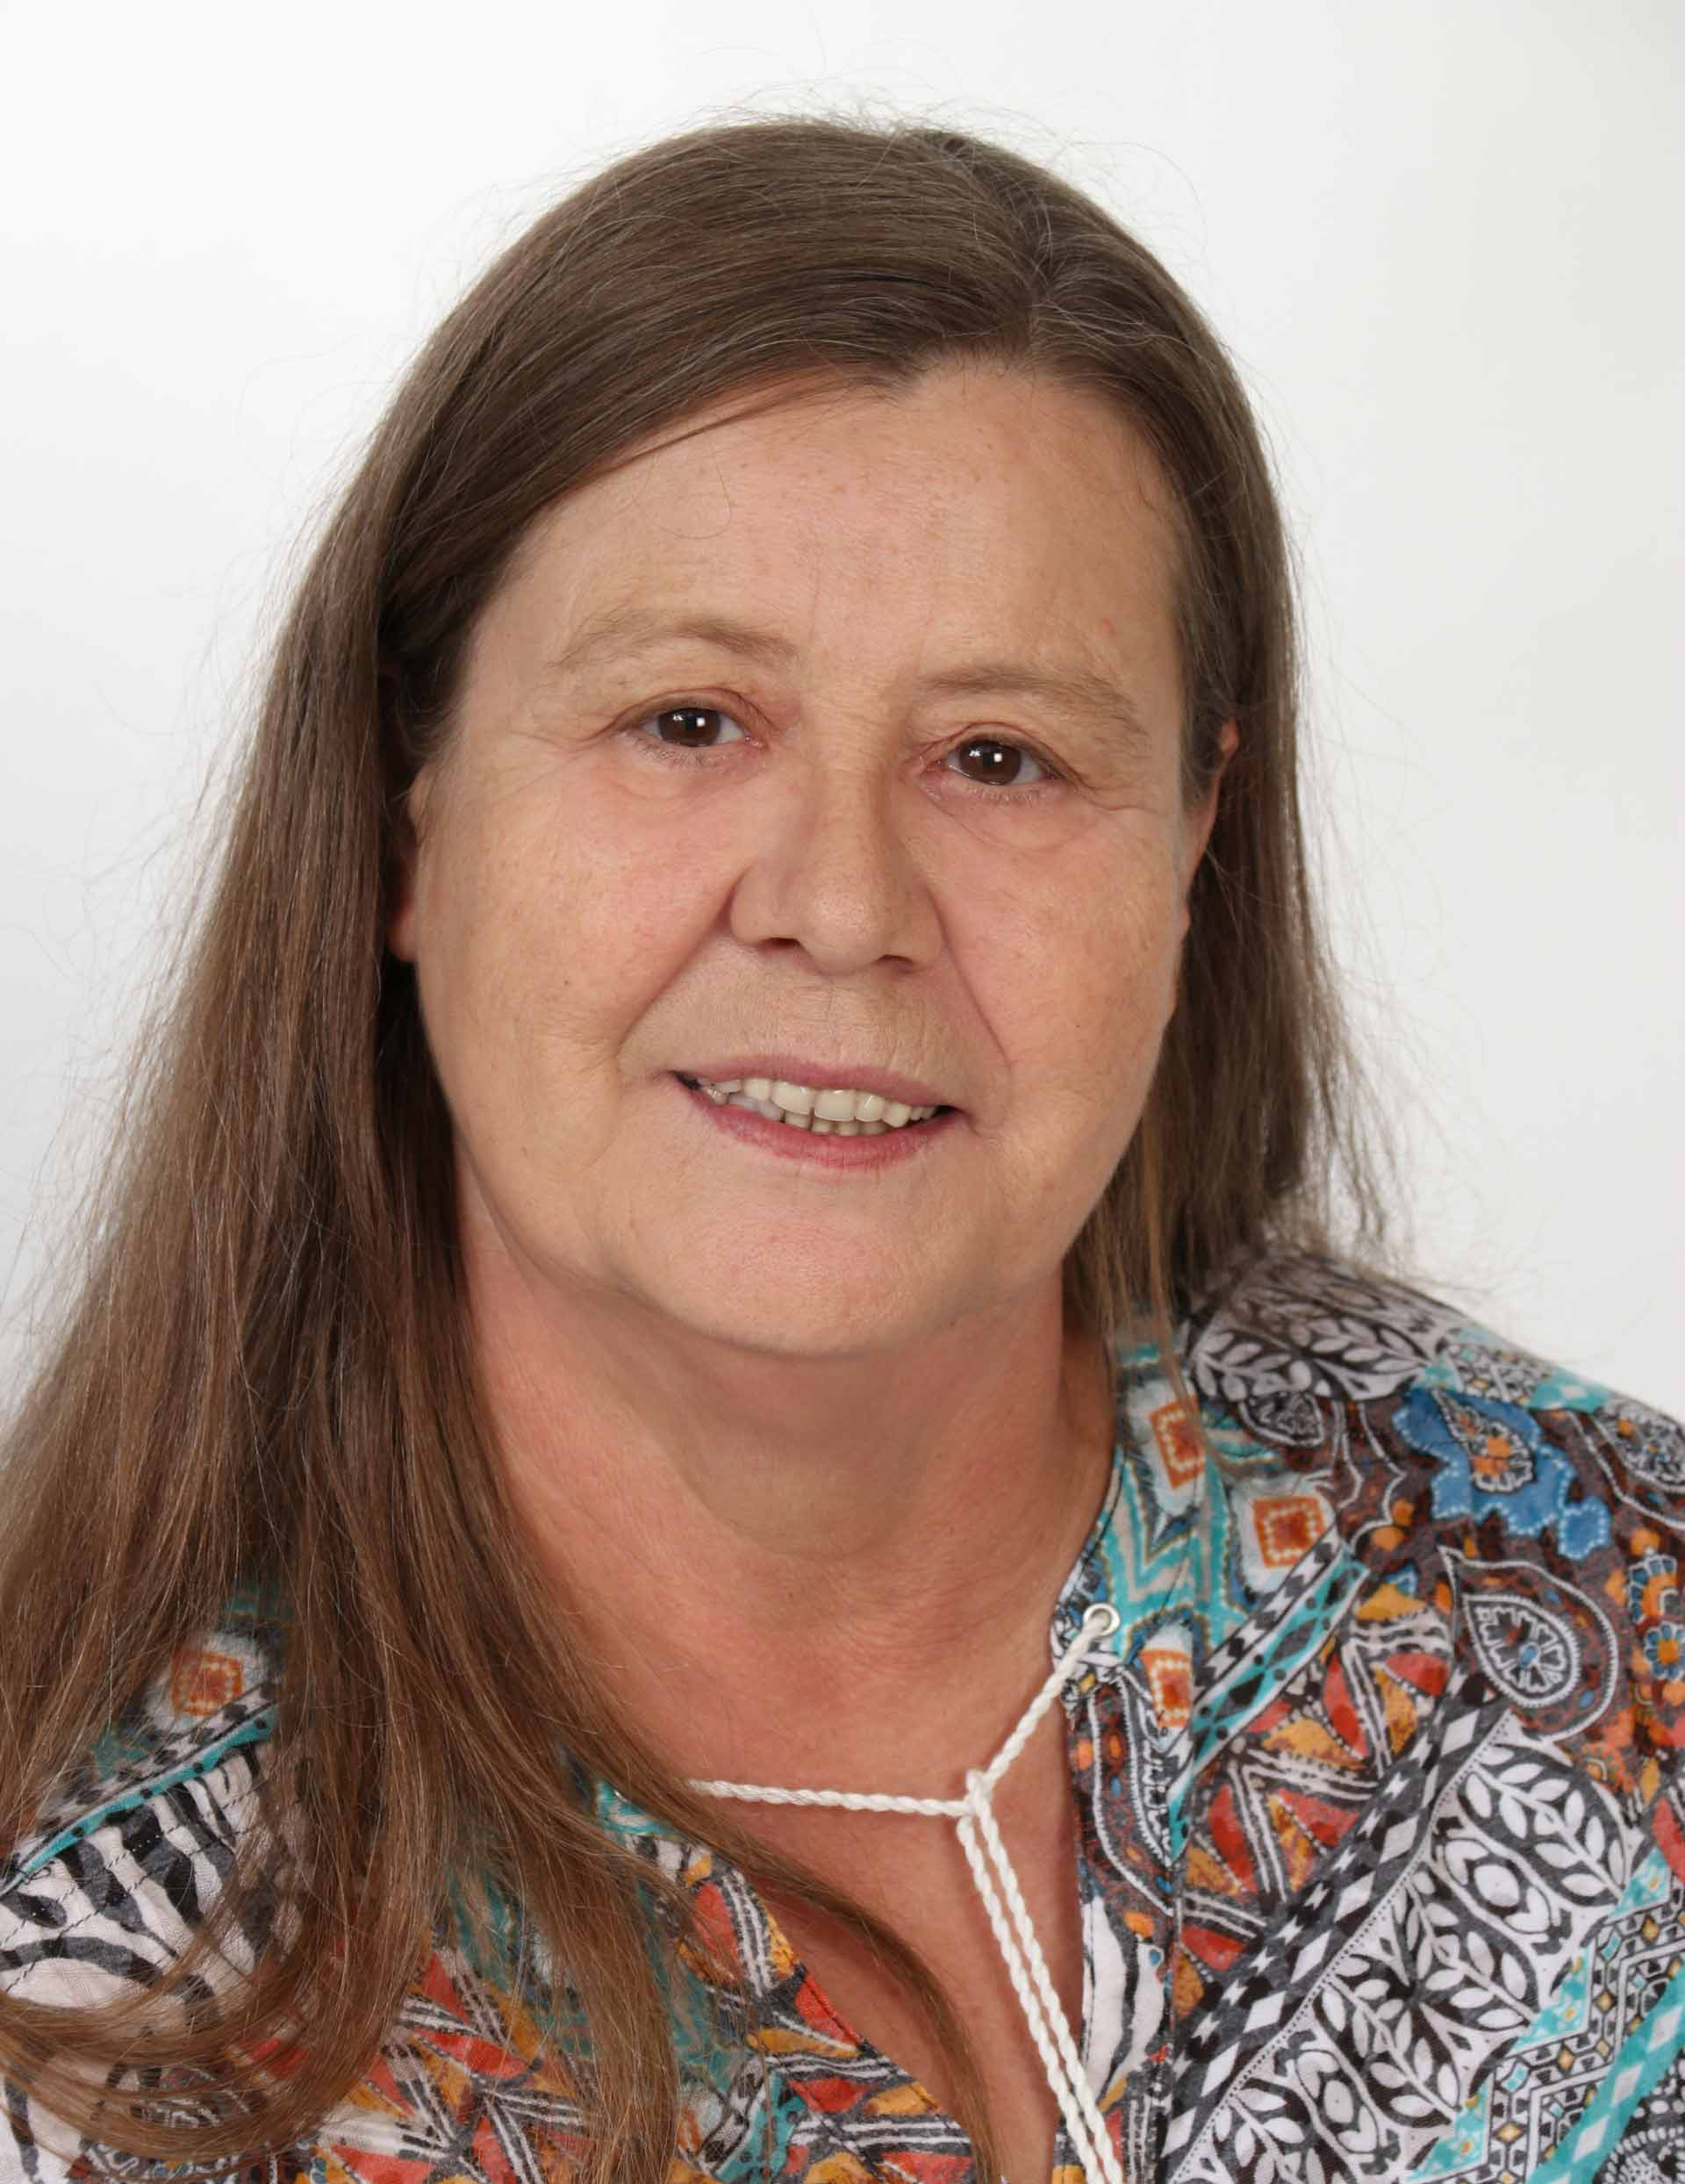 Elfrieda Roth